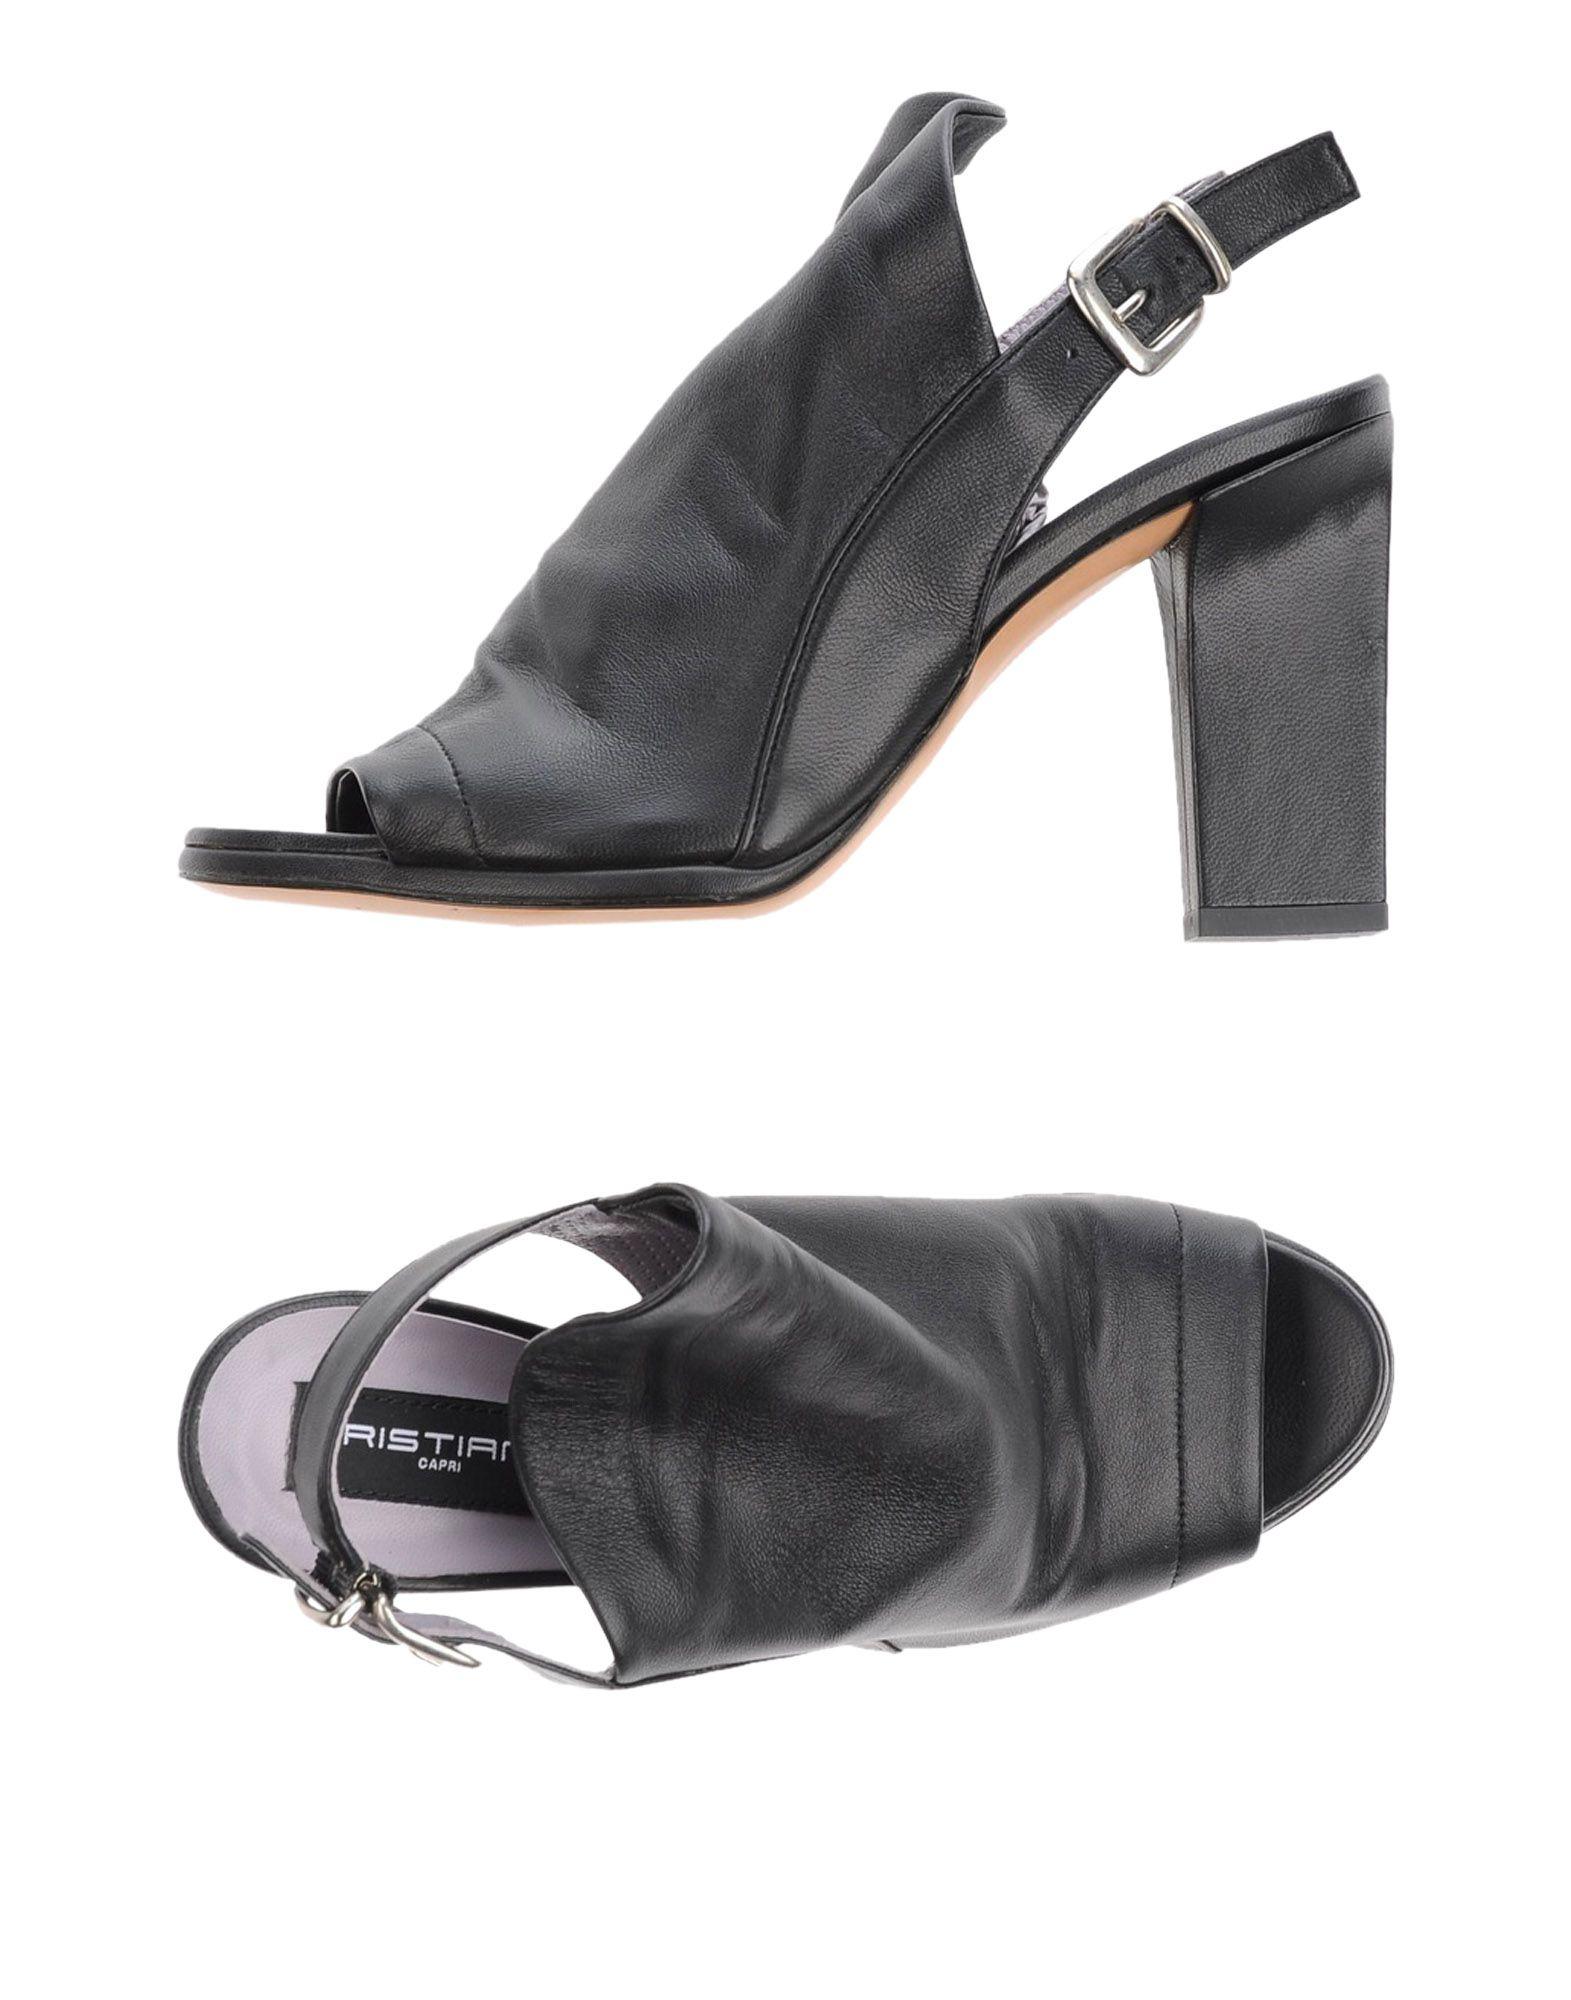 Cristian G Sandalen Damen  11238826JD Gute Qualität beliebte Schuhe